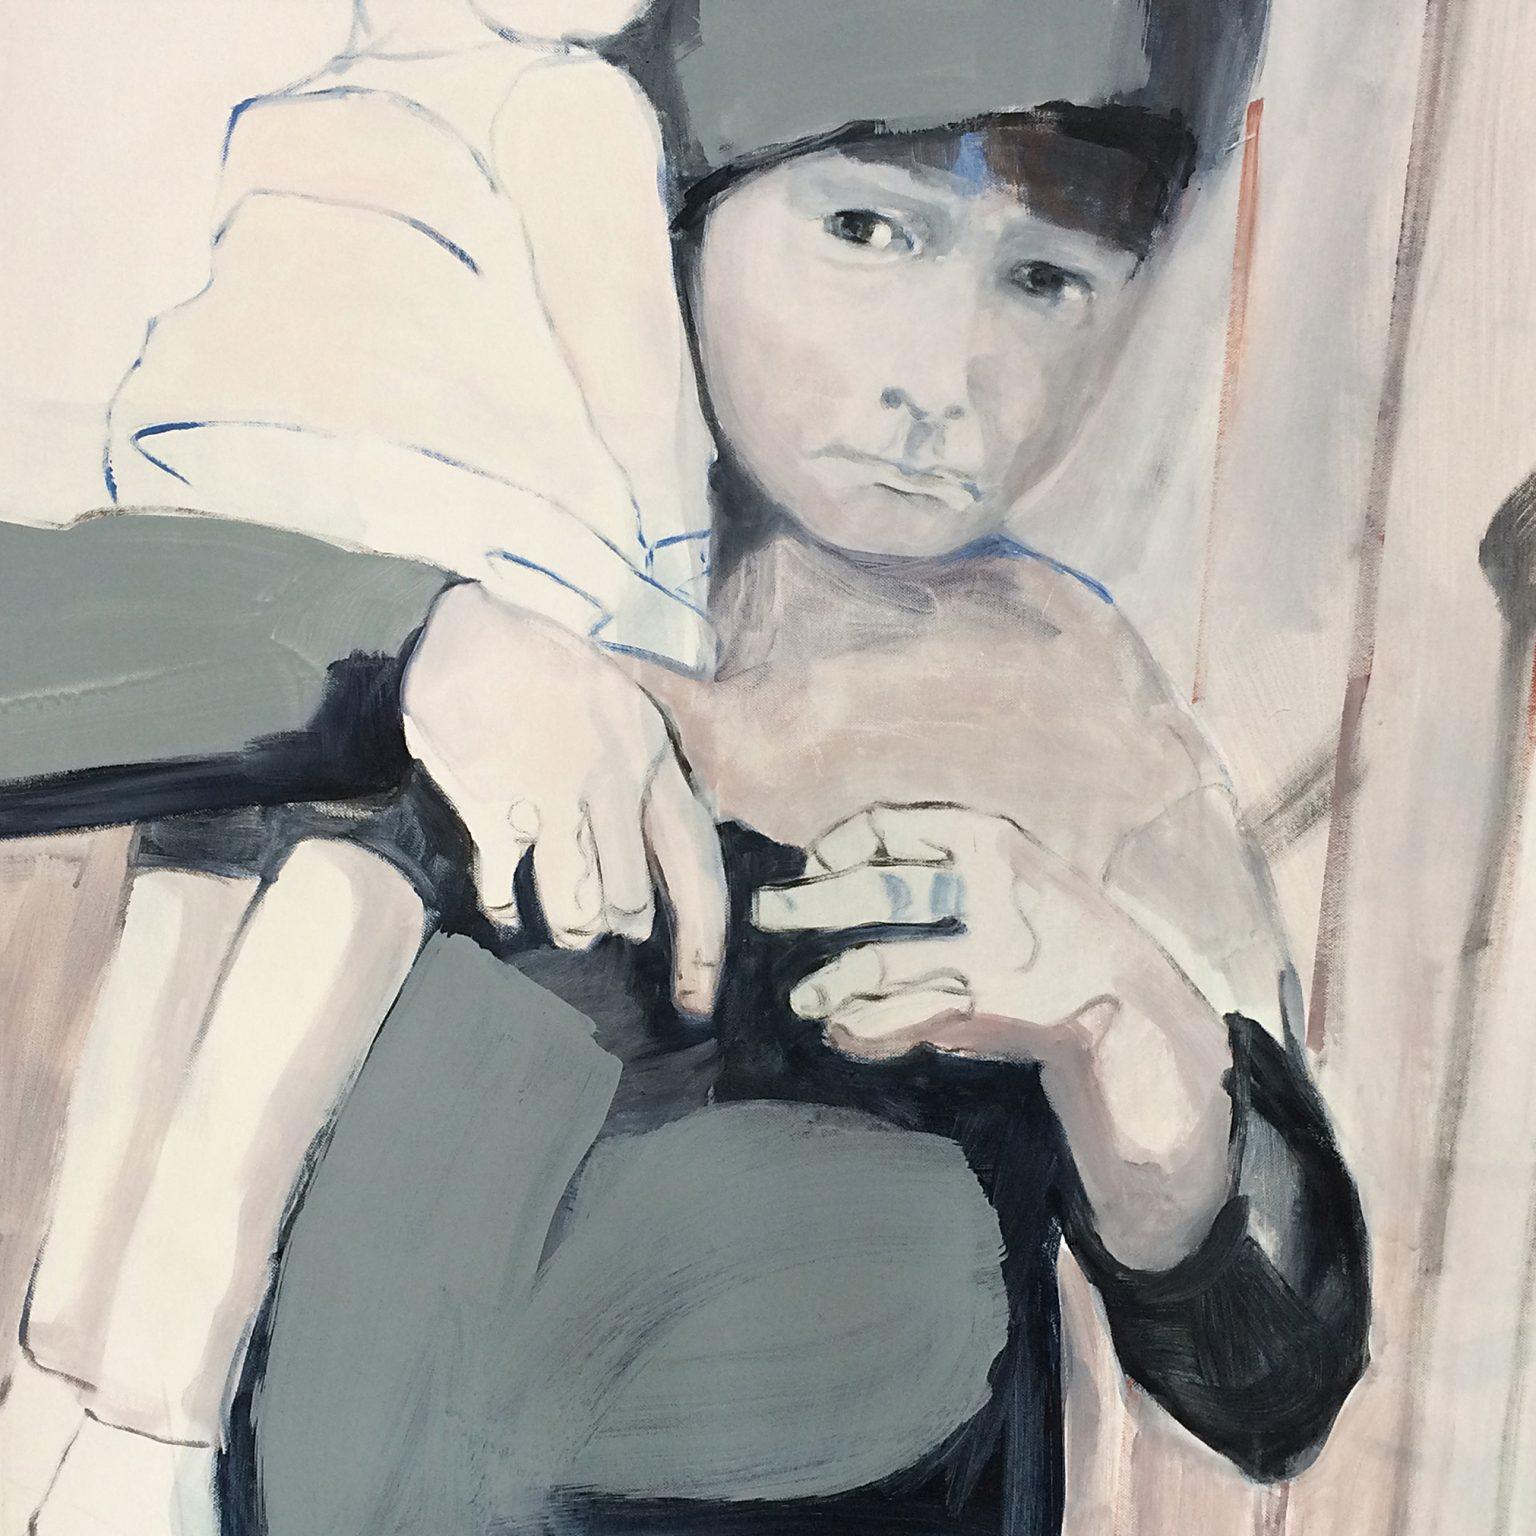 Doll 70x70 cm acrylics on canvas